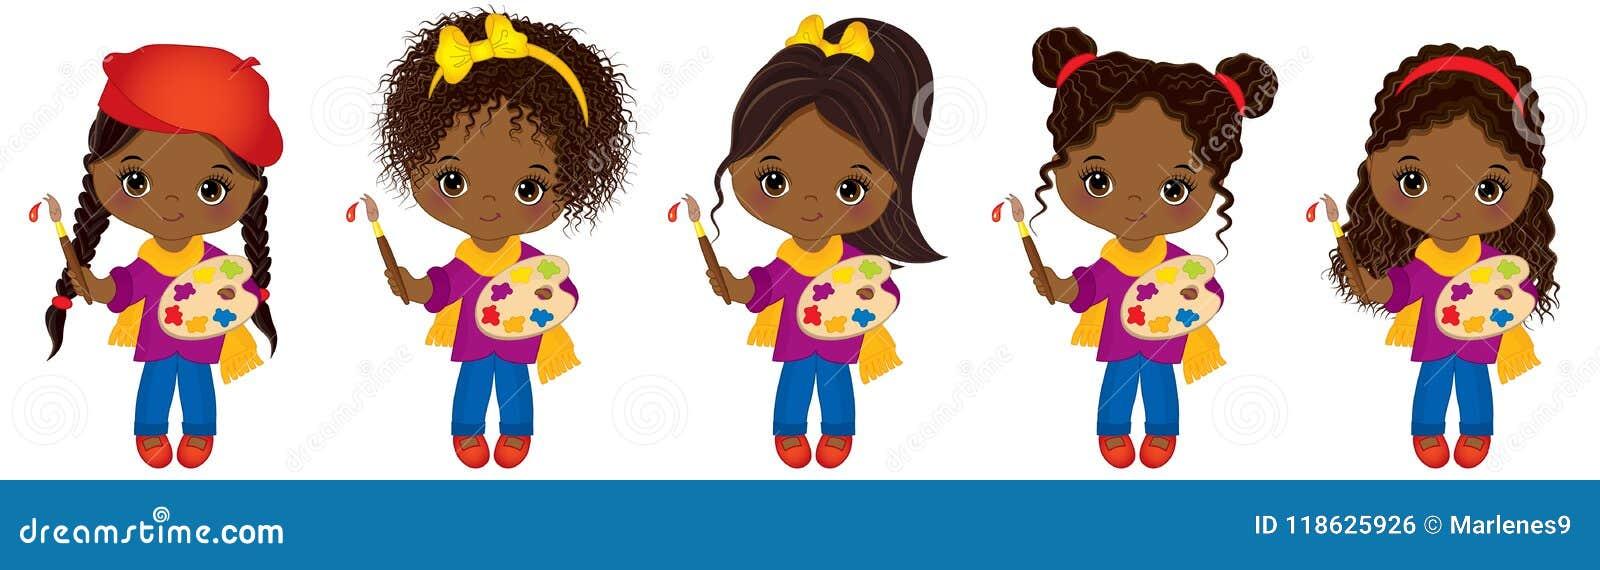 Gulliga små afrikansk amerikankonstnärer för vektor med paletter och flickor för afrikansk amerikan för vektor för målarfärgborst